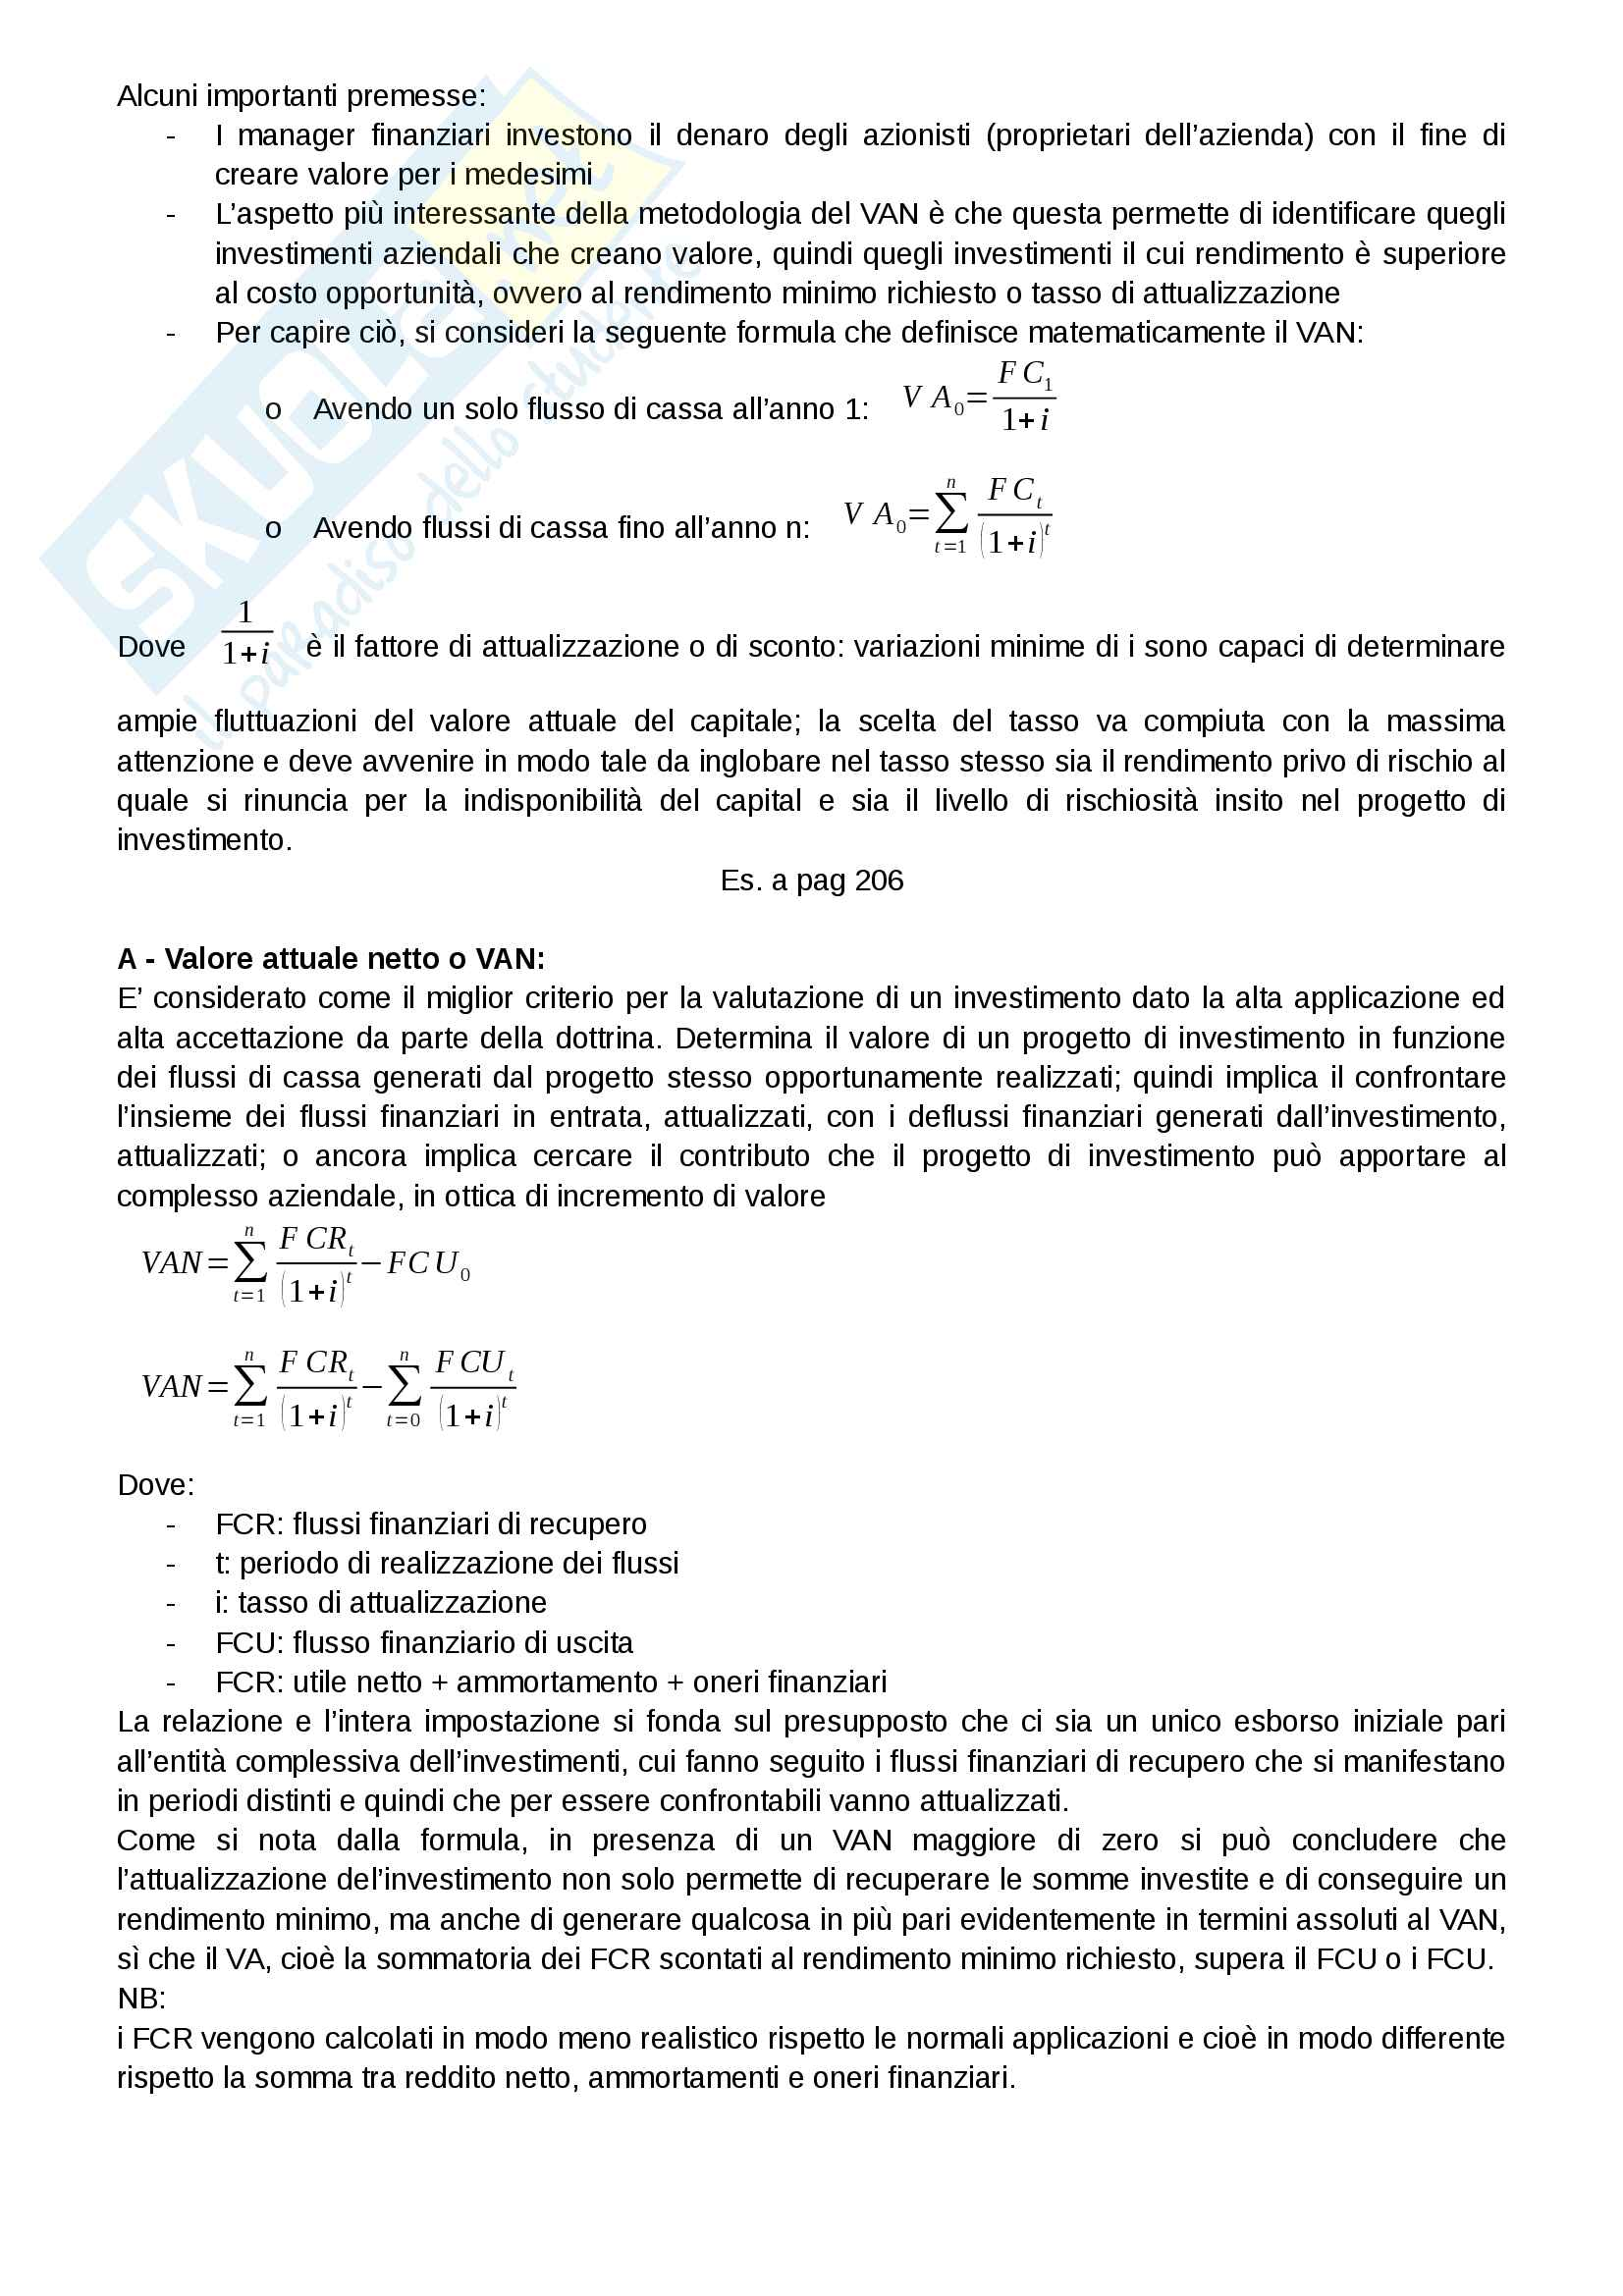 Riassunto esame Finanza aziendale, docente Alberto Manelli, libro consigliato Finanza di impresa di Alberto Manelli Pag. 76